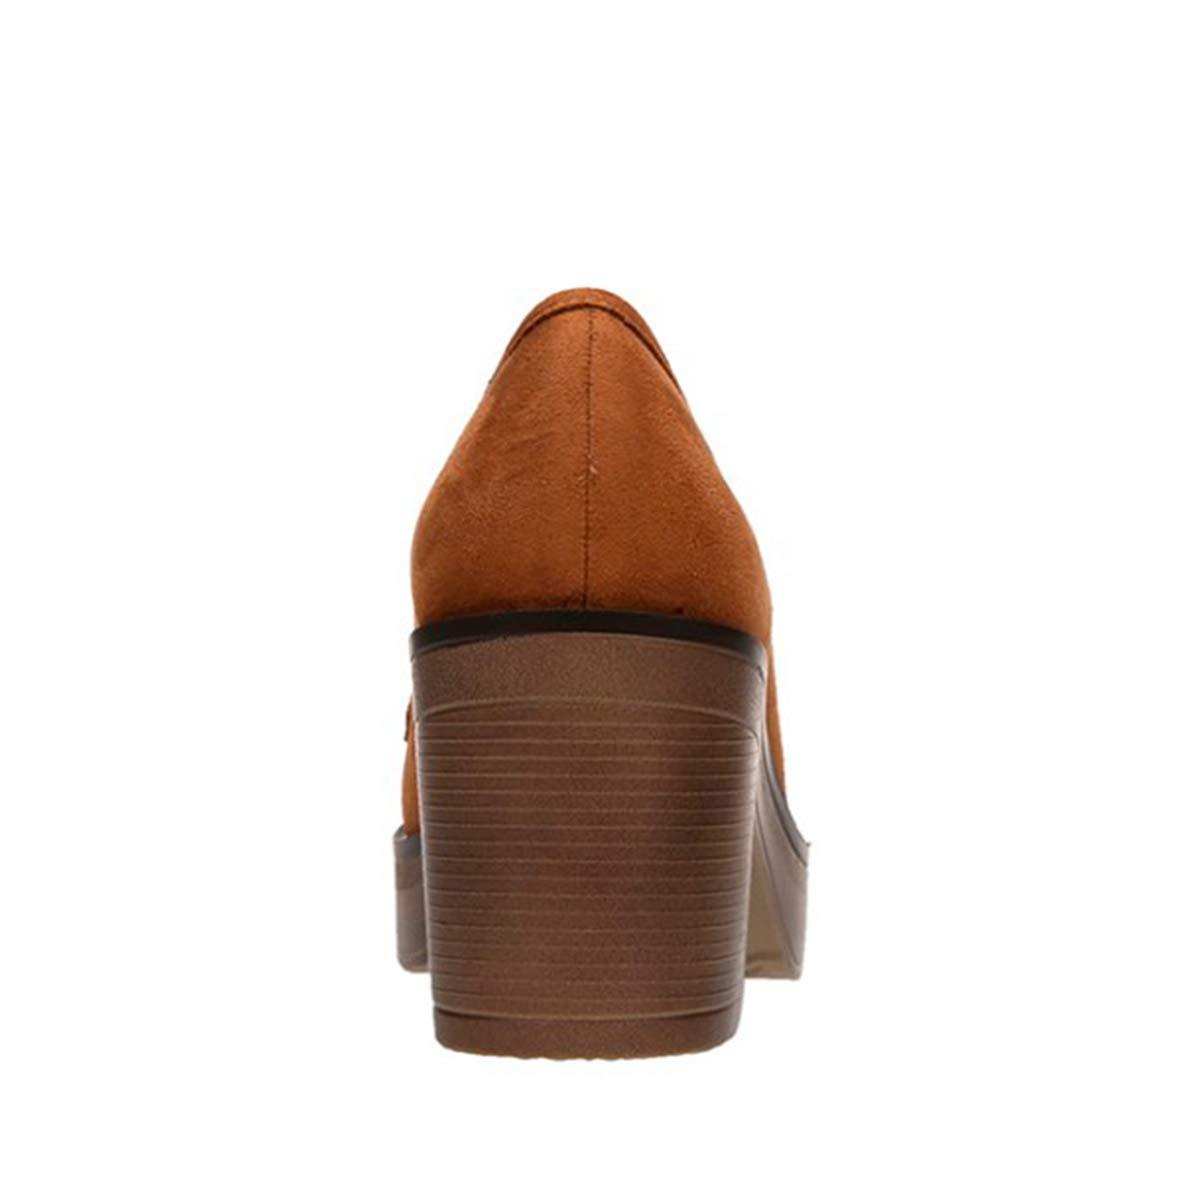 Mocasines con tacón para Mujer (41 EU): Amazon.es: Zapatos y complementos